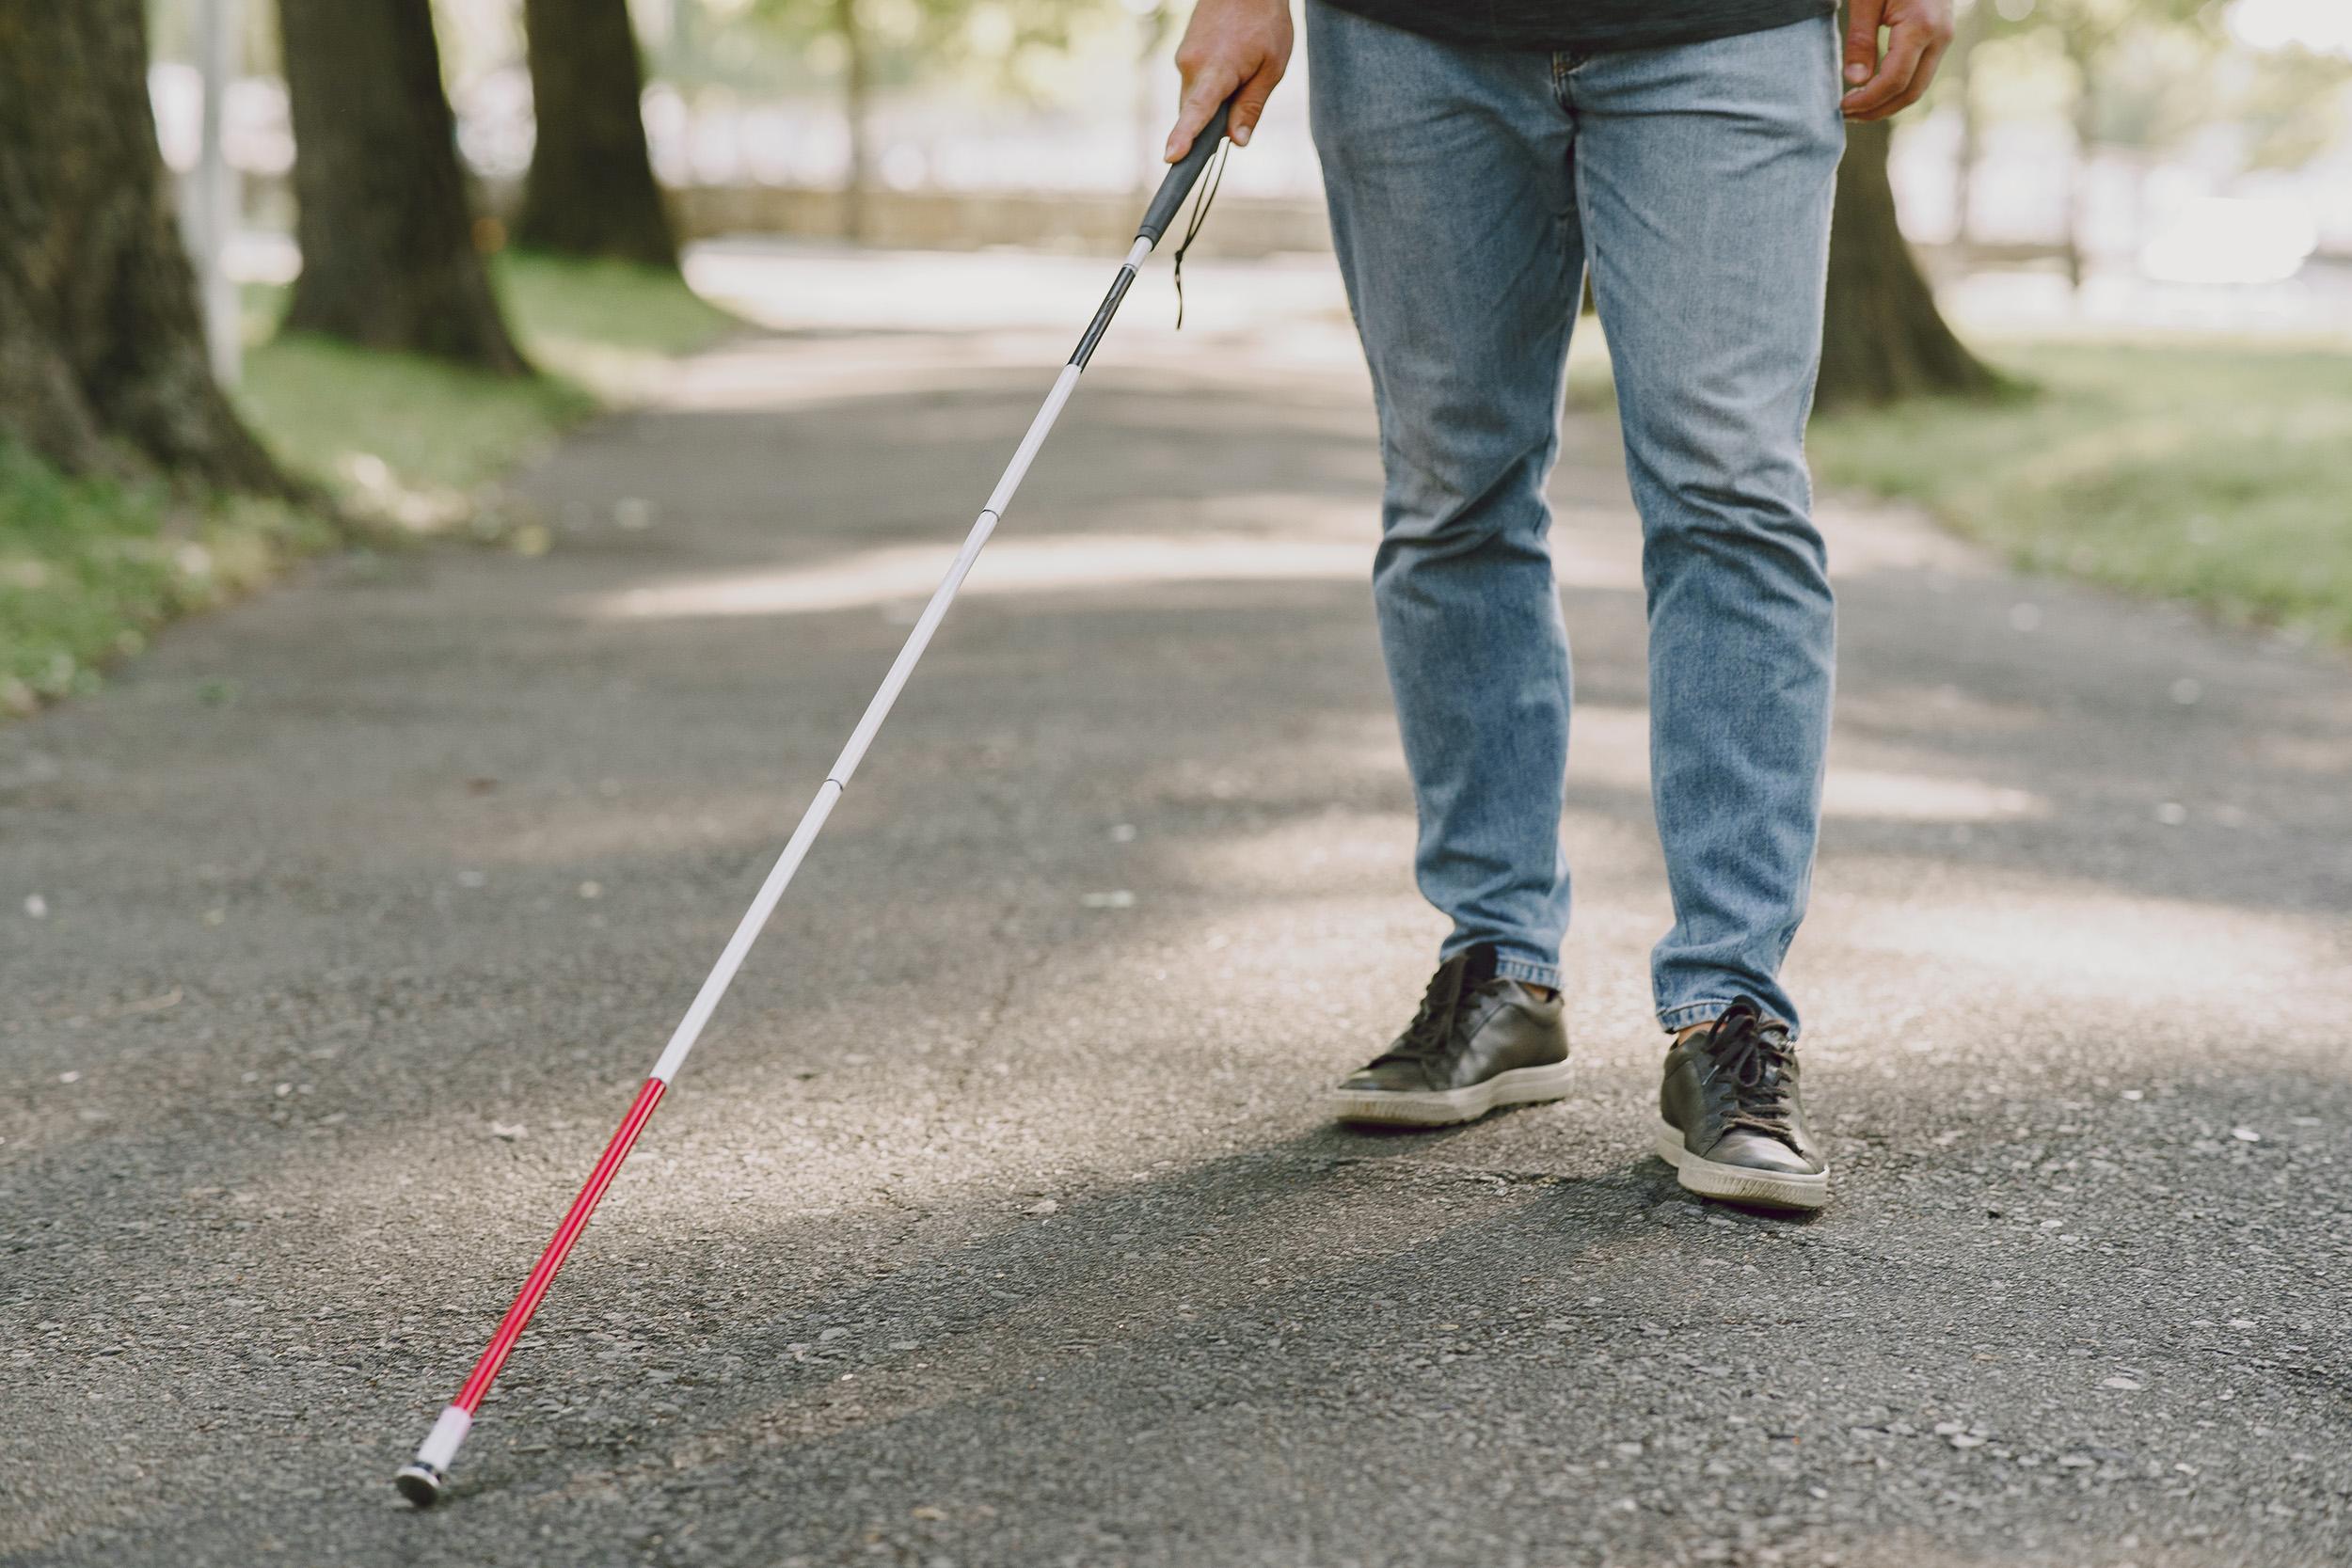 Uso da bengala também é essencial aos casos de baixa visão